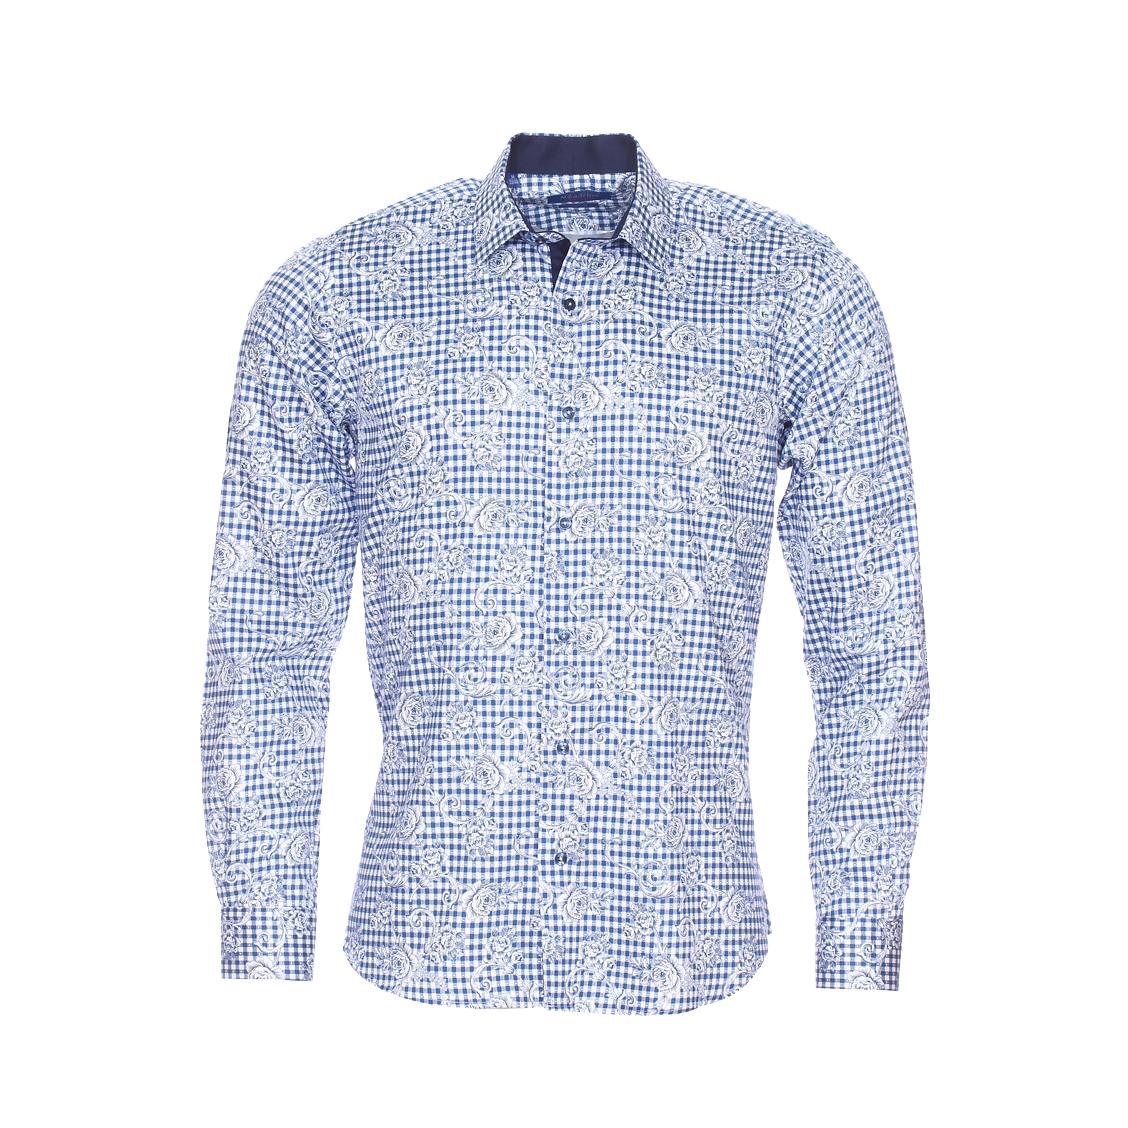 Chemise cintrée  à carreaux et fleurs bleu marine et blancs